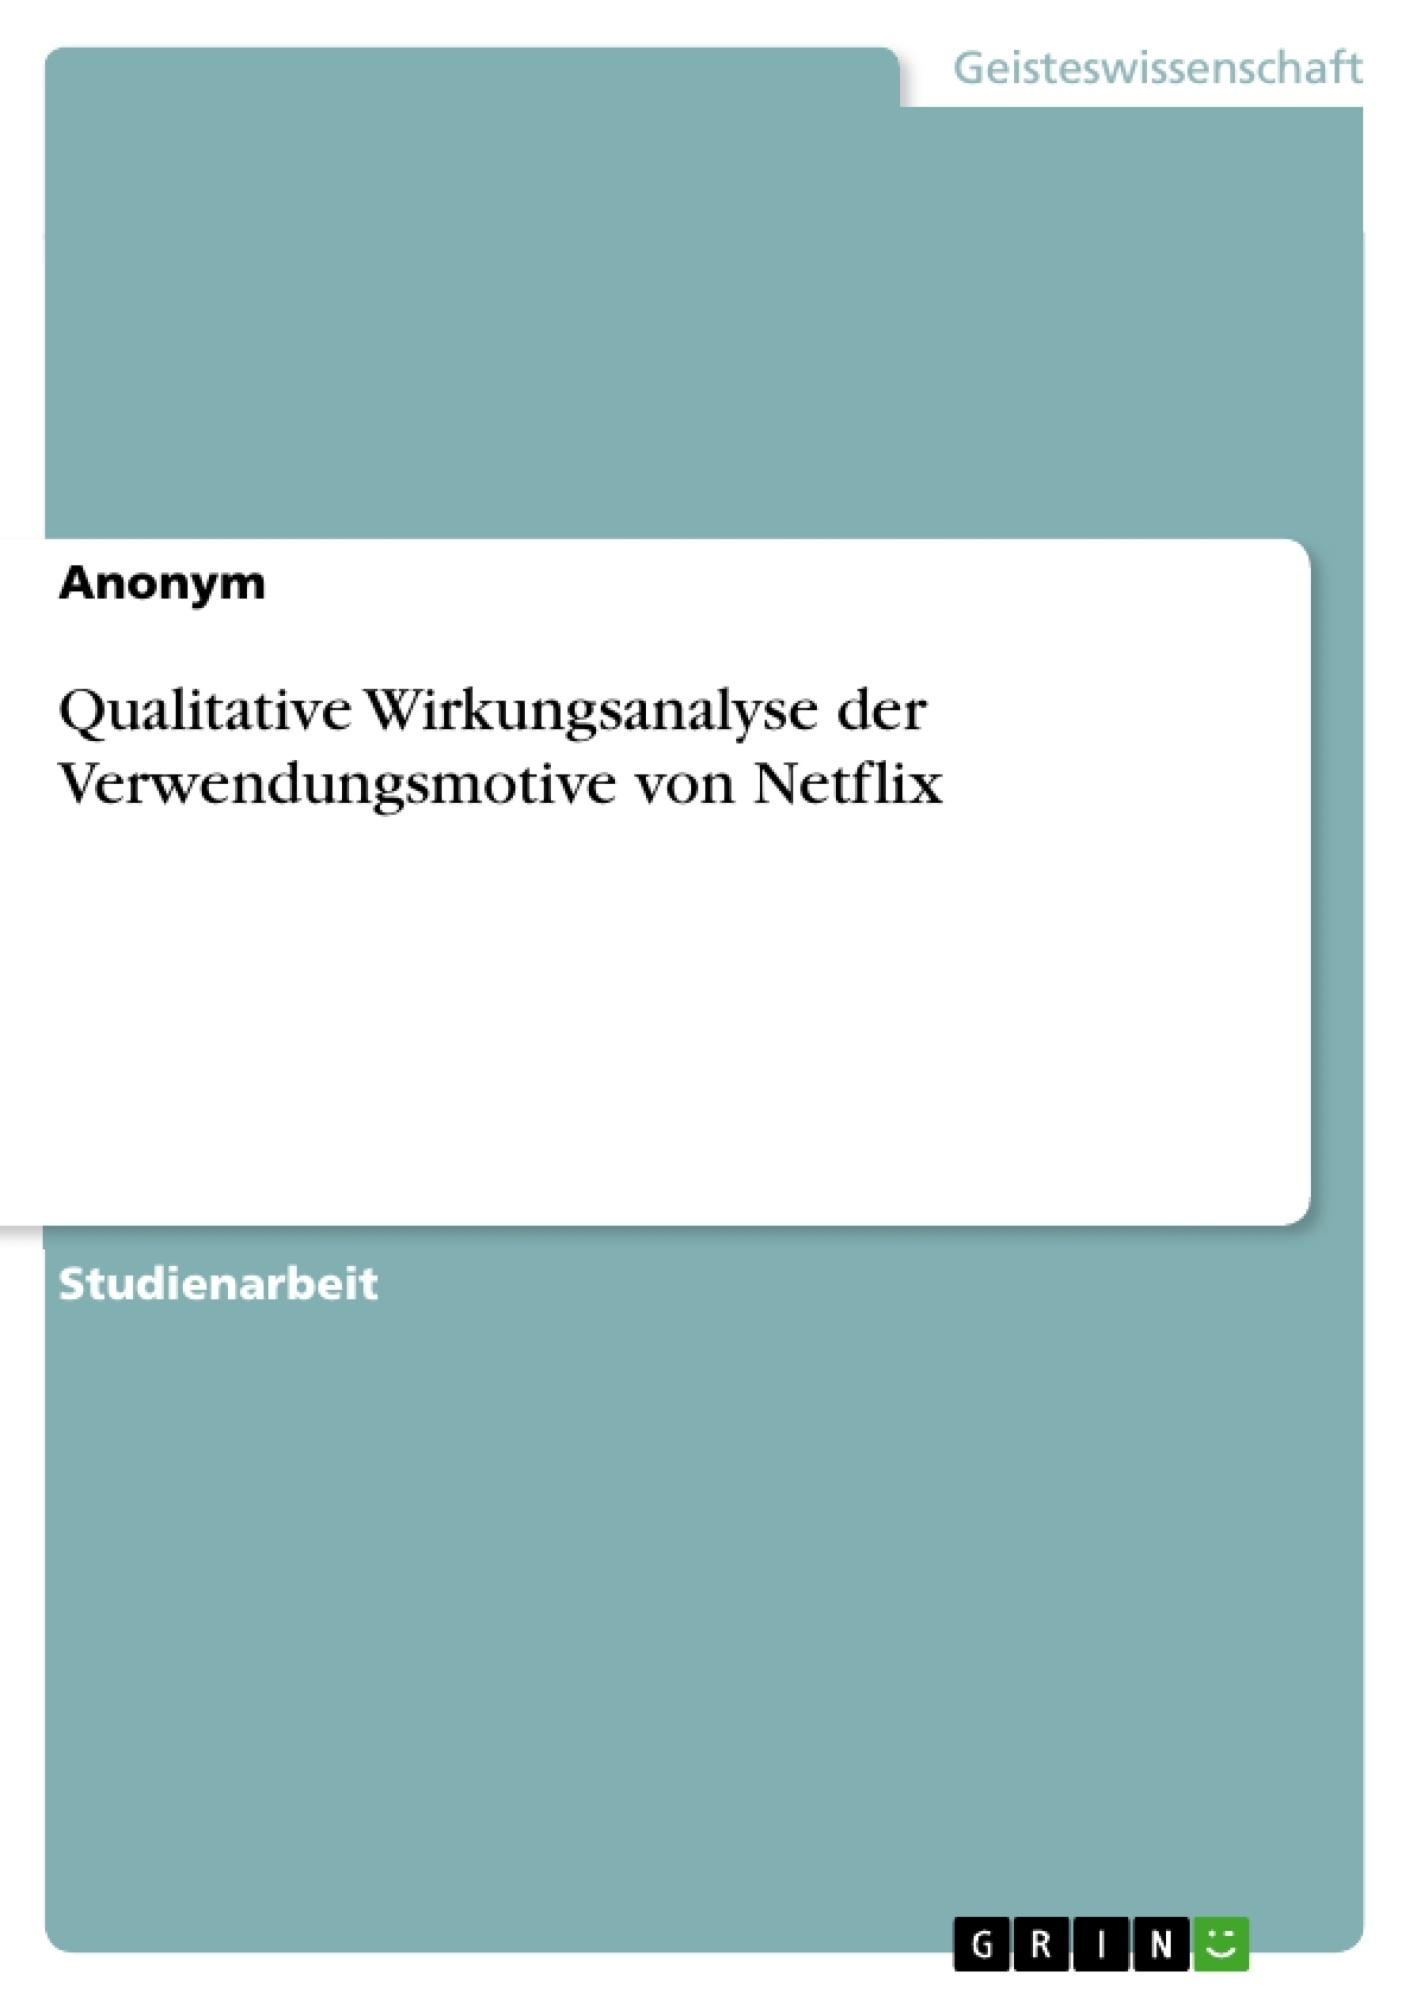 Titel: Qualitative Wirkungsanalyse der Verwendungsmotive von Netflix